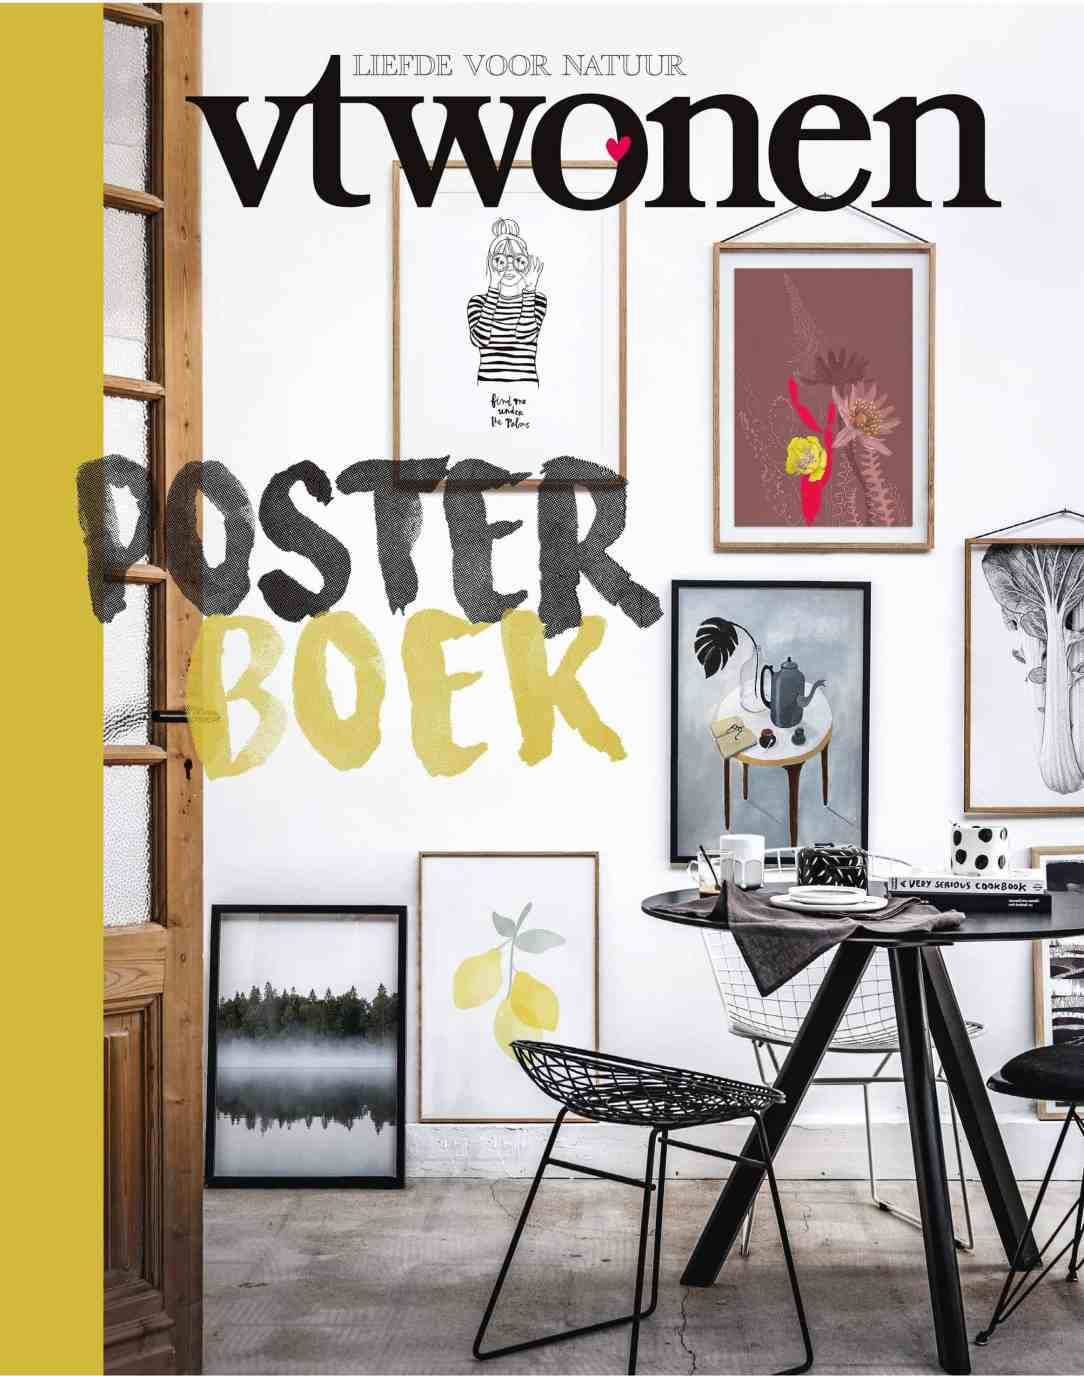 posterboek VTWonen